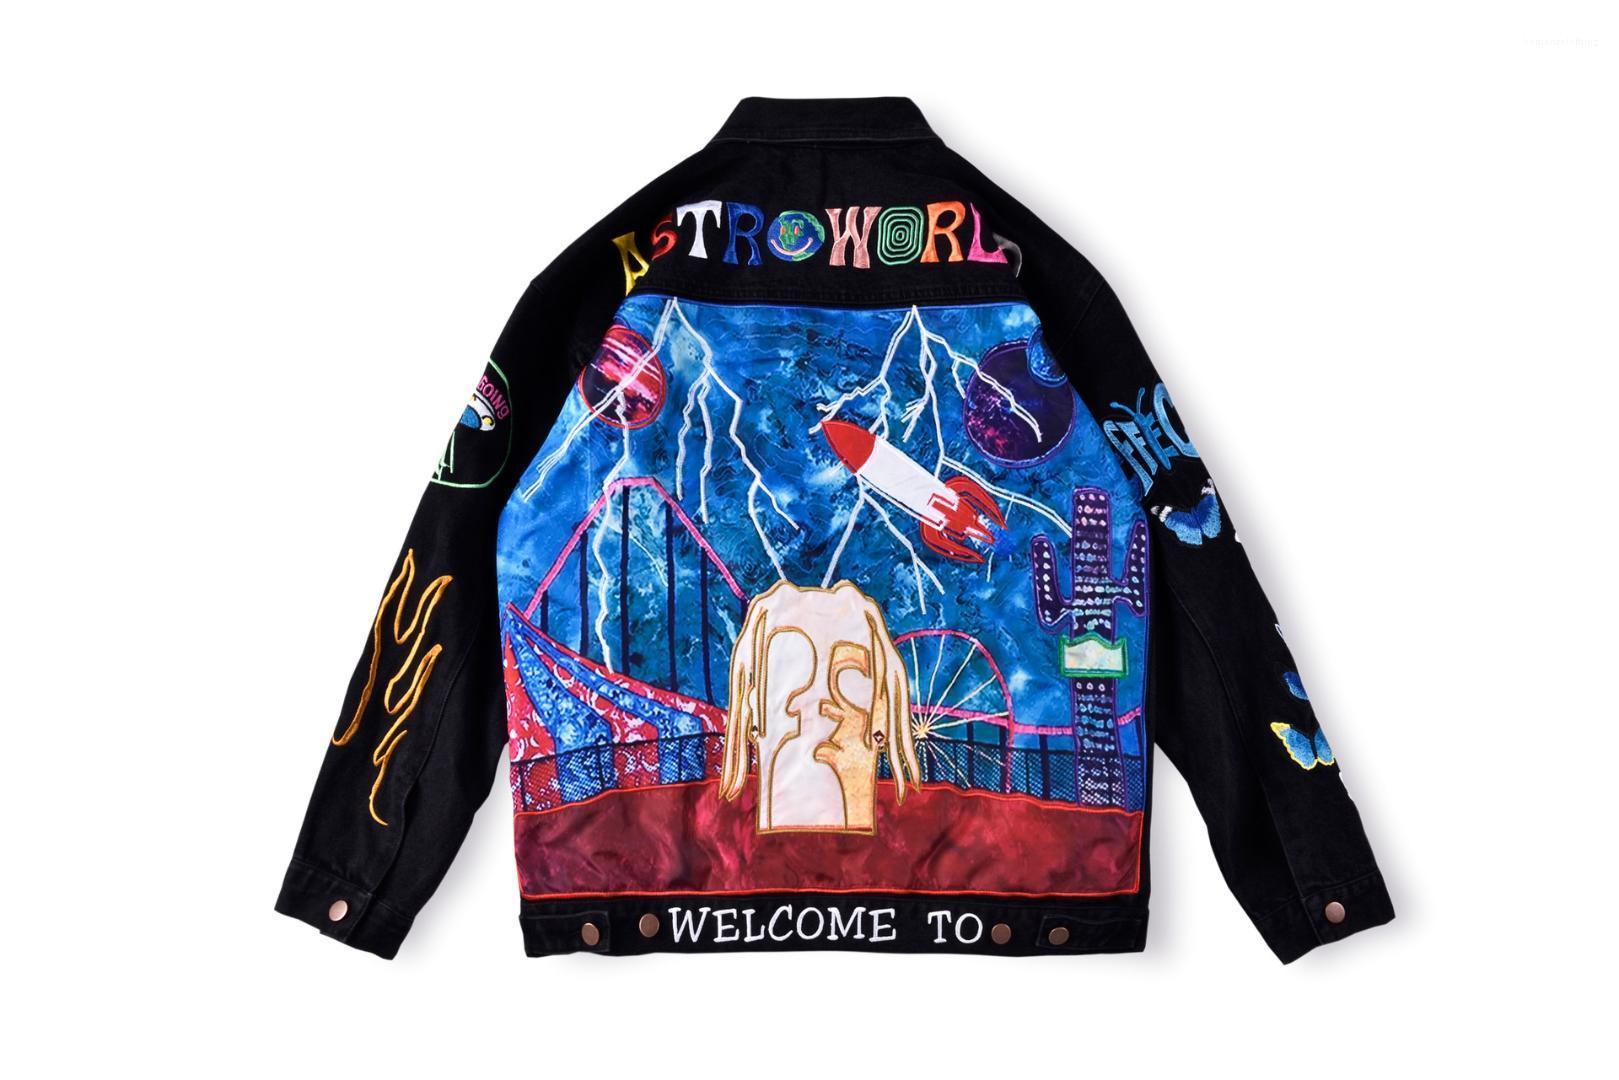 Gençler Streetwear Coats Hip Hop Rapçi Denim Ceket Moda Tasarımcısı Yüksek Kalite Nakış Siyah Jean Ceket